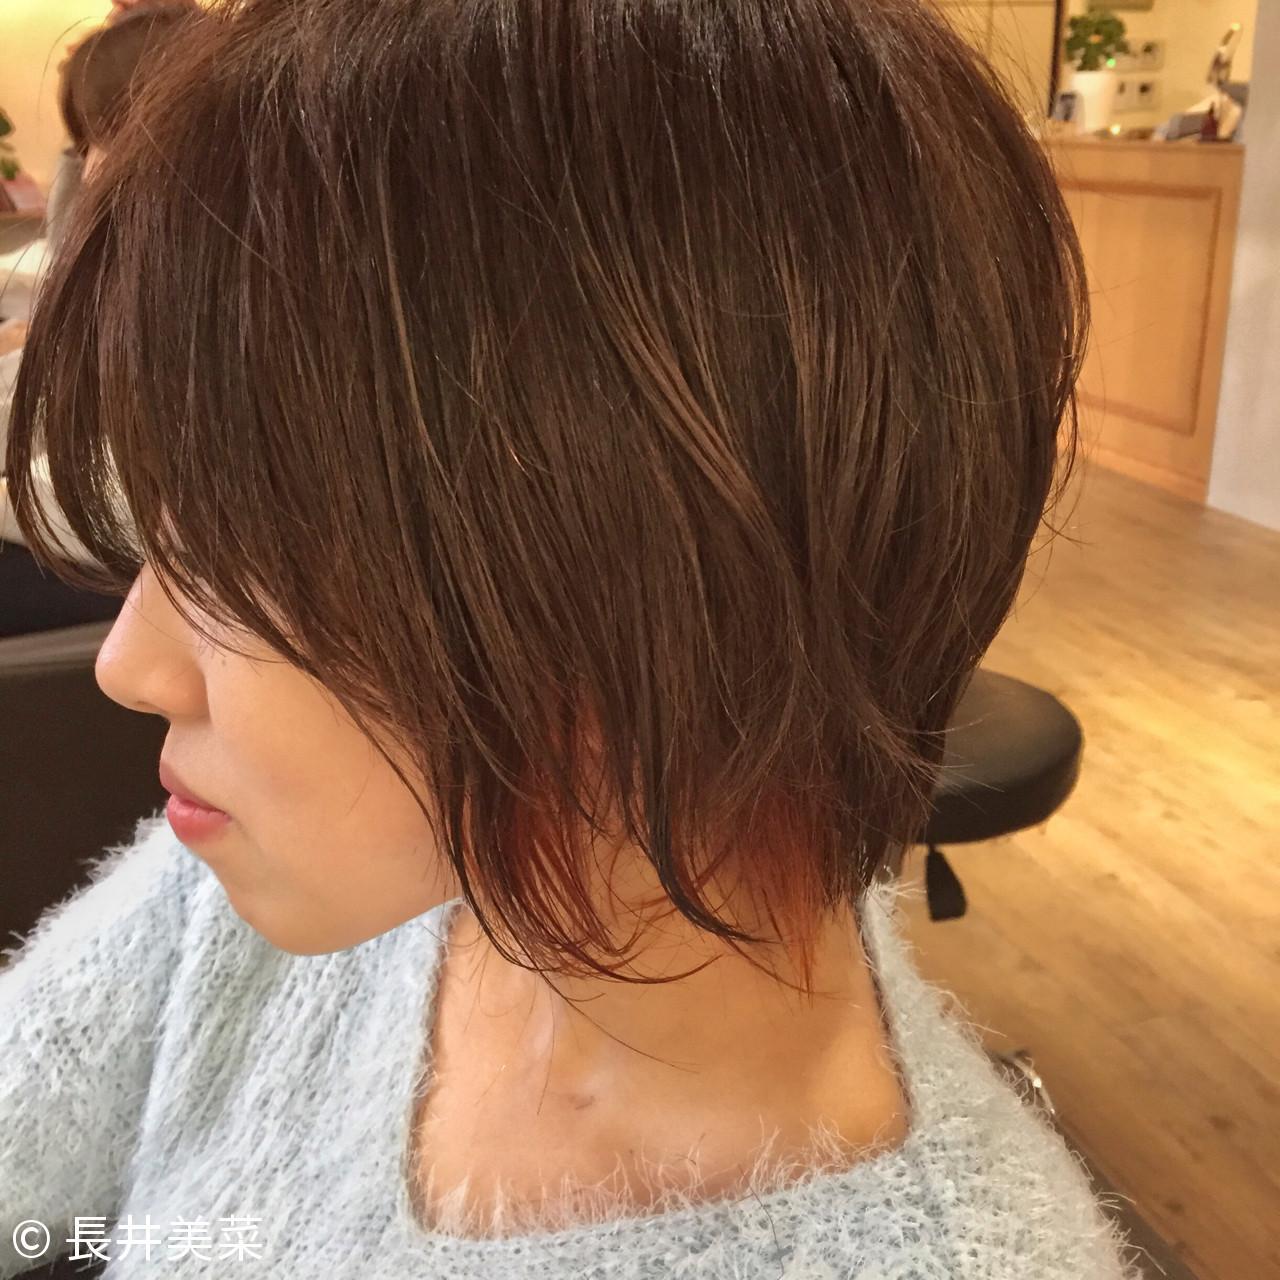 インナーカラー カッパー ショート アプリコットオレンジ ヘアスタイルや髪型の写真・画像